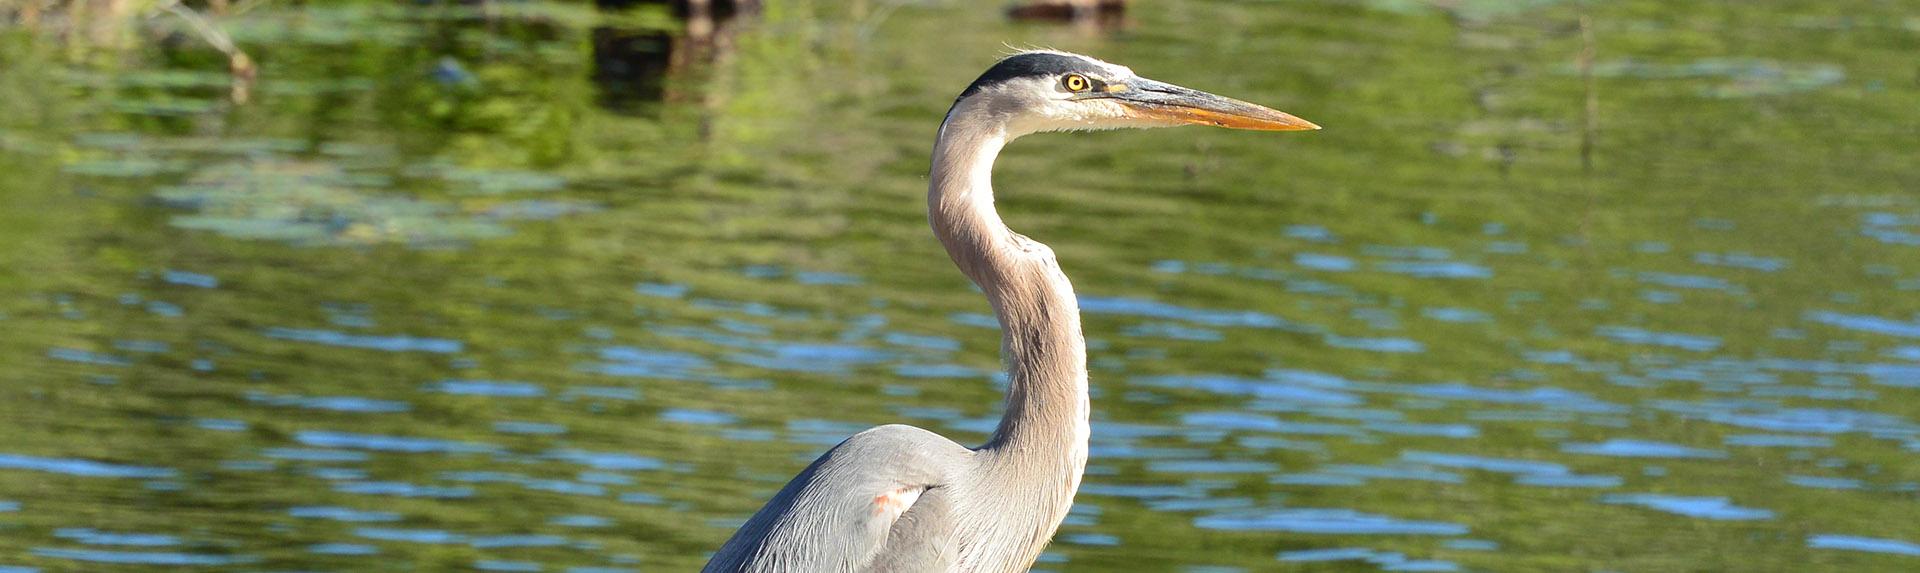 wildlife_Wendy Turk